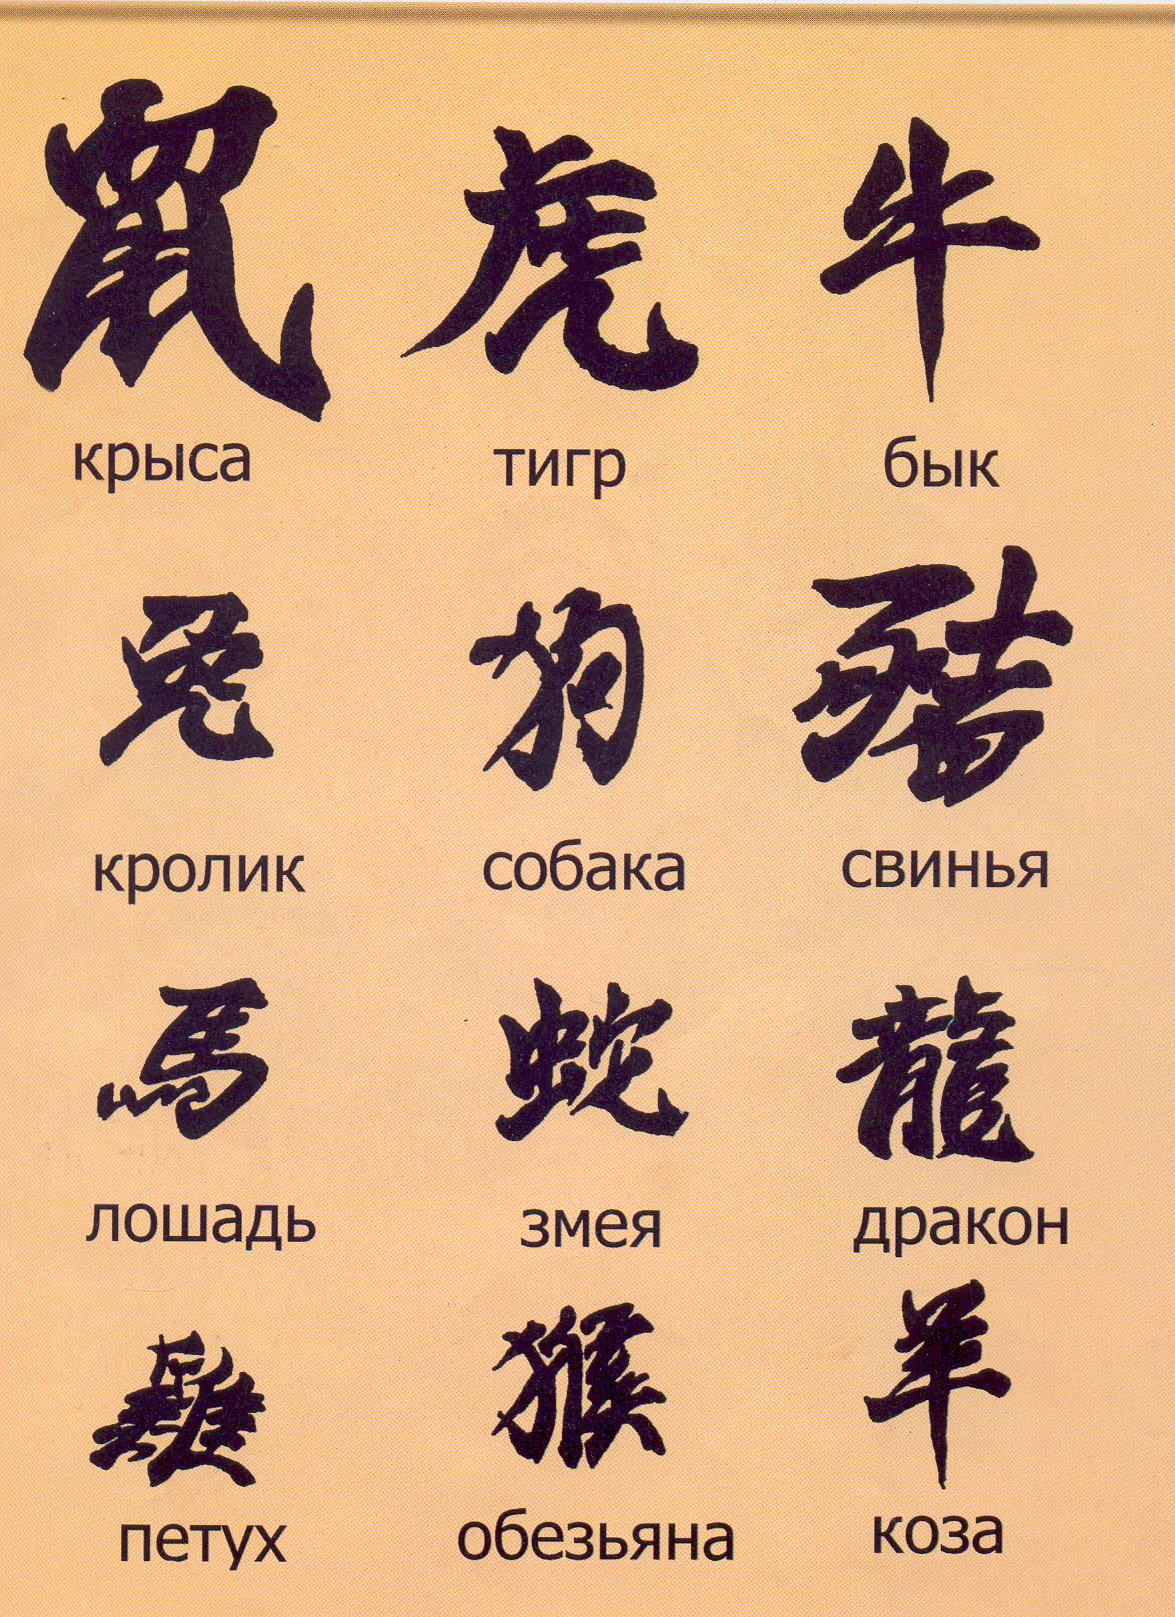 Татуировки иероглифы и их значения на русском Китай в мире 17